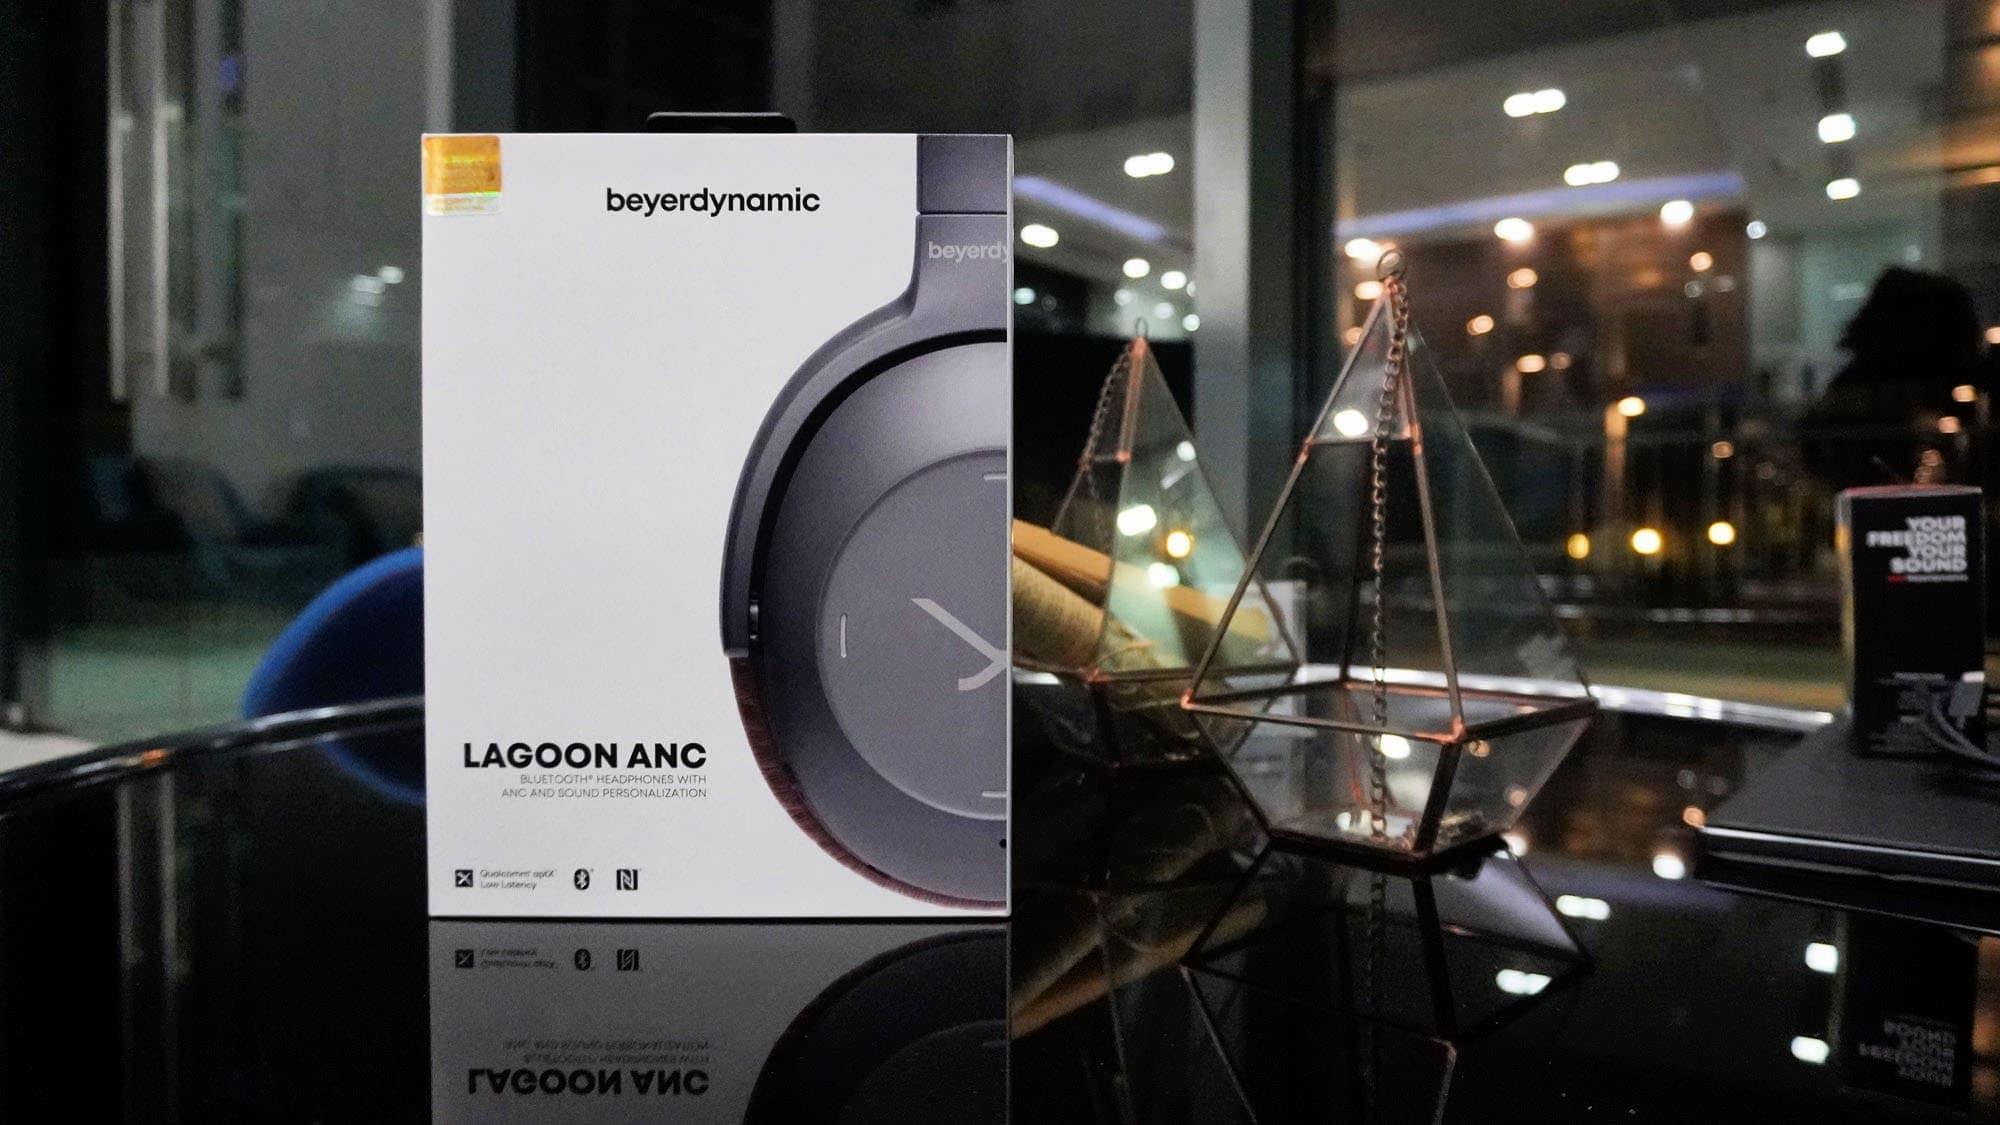 รีวิว beyerdynamic lagoon anc หูฟังไร้สายไม่ดีเลย์ พร้อมระบบตัดเสียงรบกวนและ Sound Personalization 2